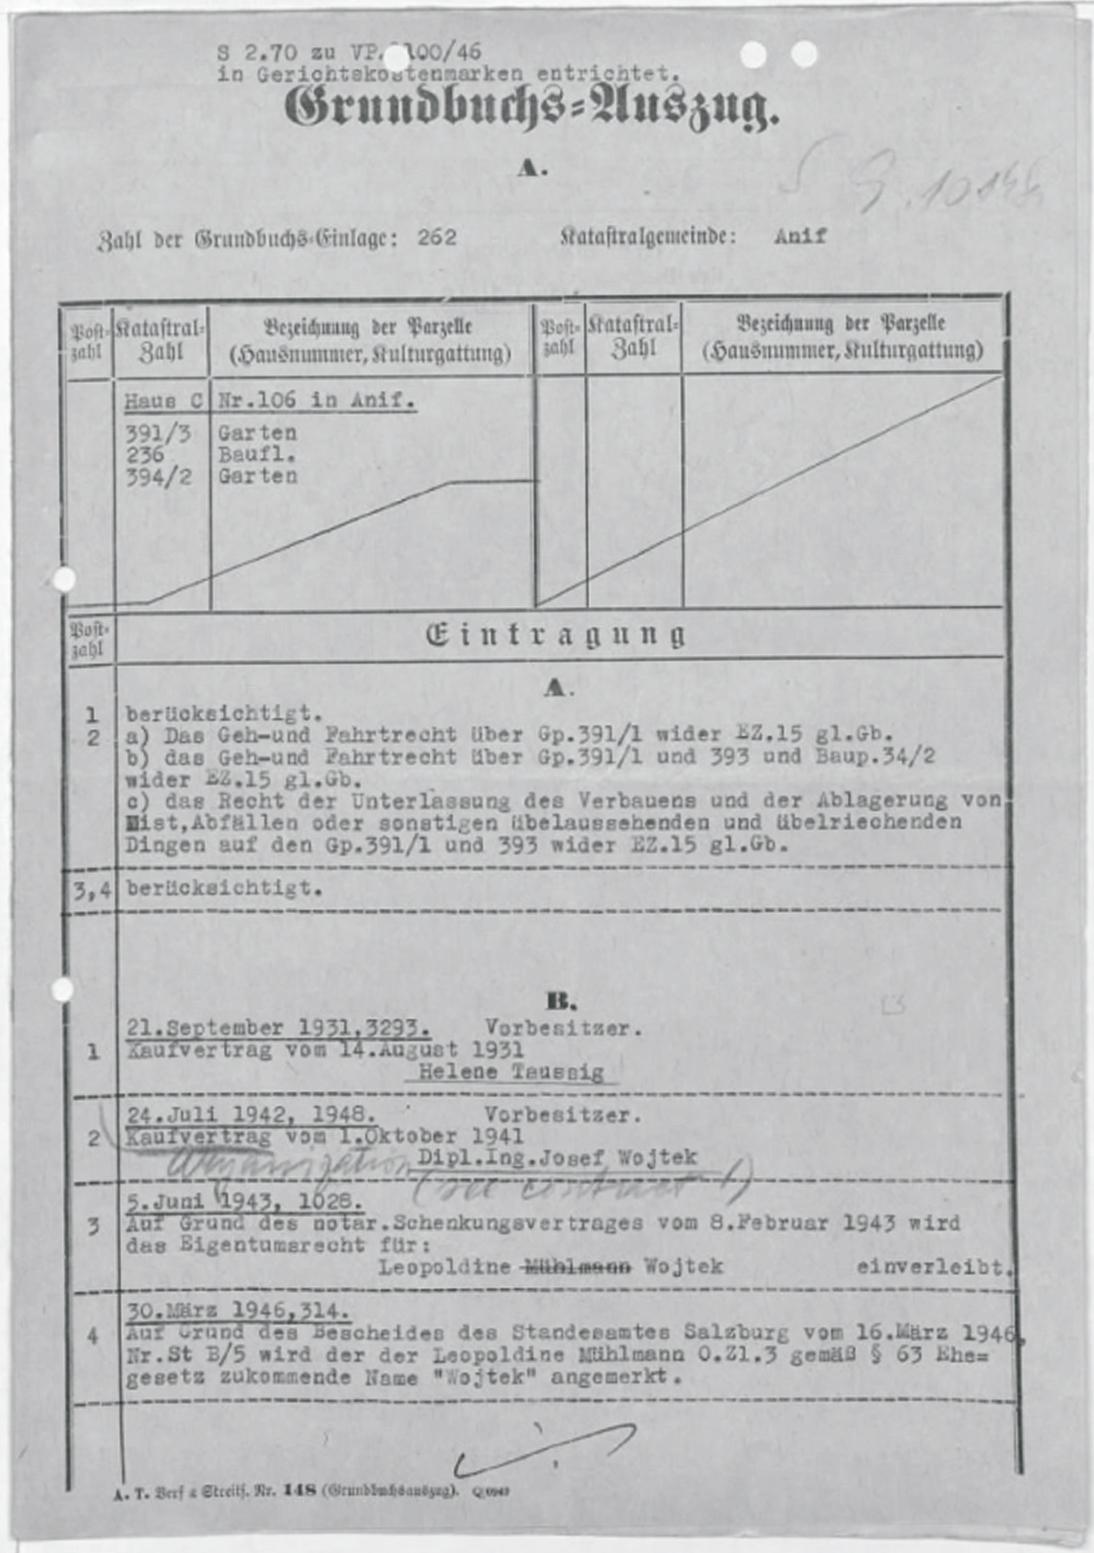 """Grundbuchsauszug betr. Kaufvertrag und Schenkung der Villa von Helene Taussig, mit handschriftlichem Vermerk """"aryanization (see contract!)"""""""